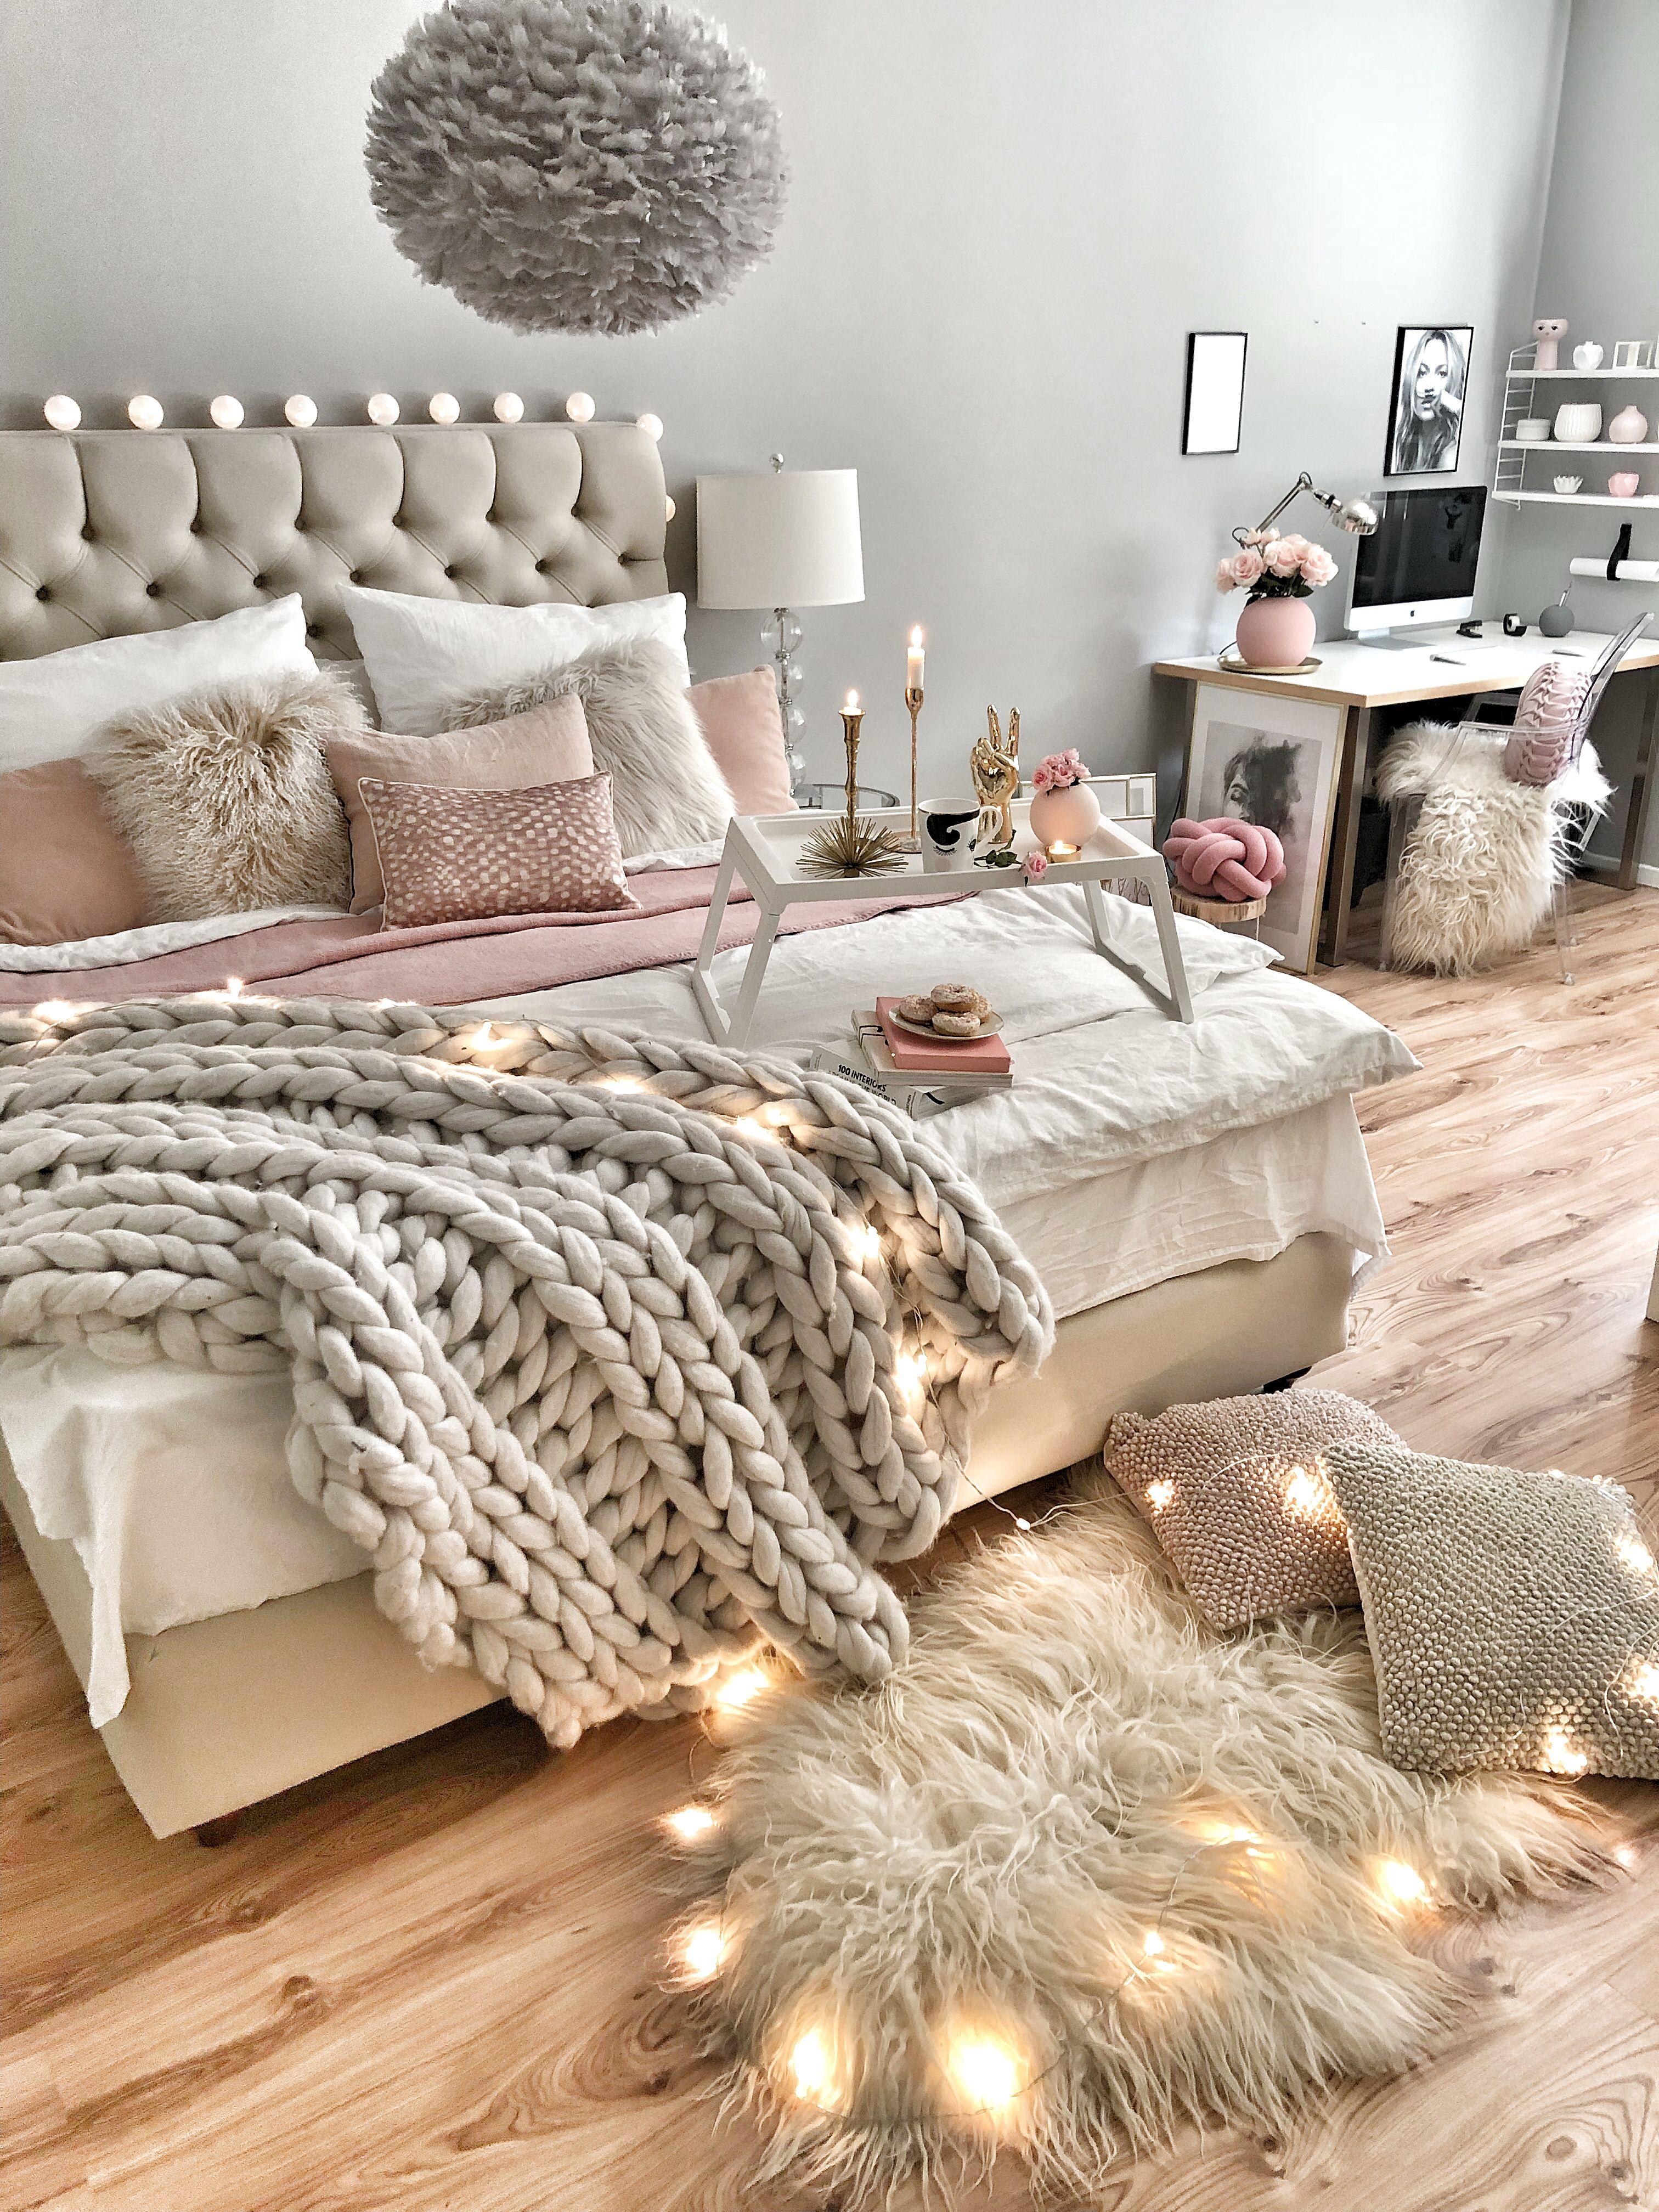 Wie man das Bett gemütlich dekoriert | Home in 2019 ...